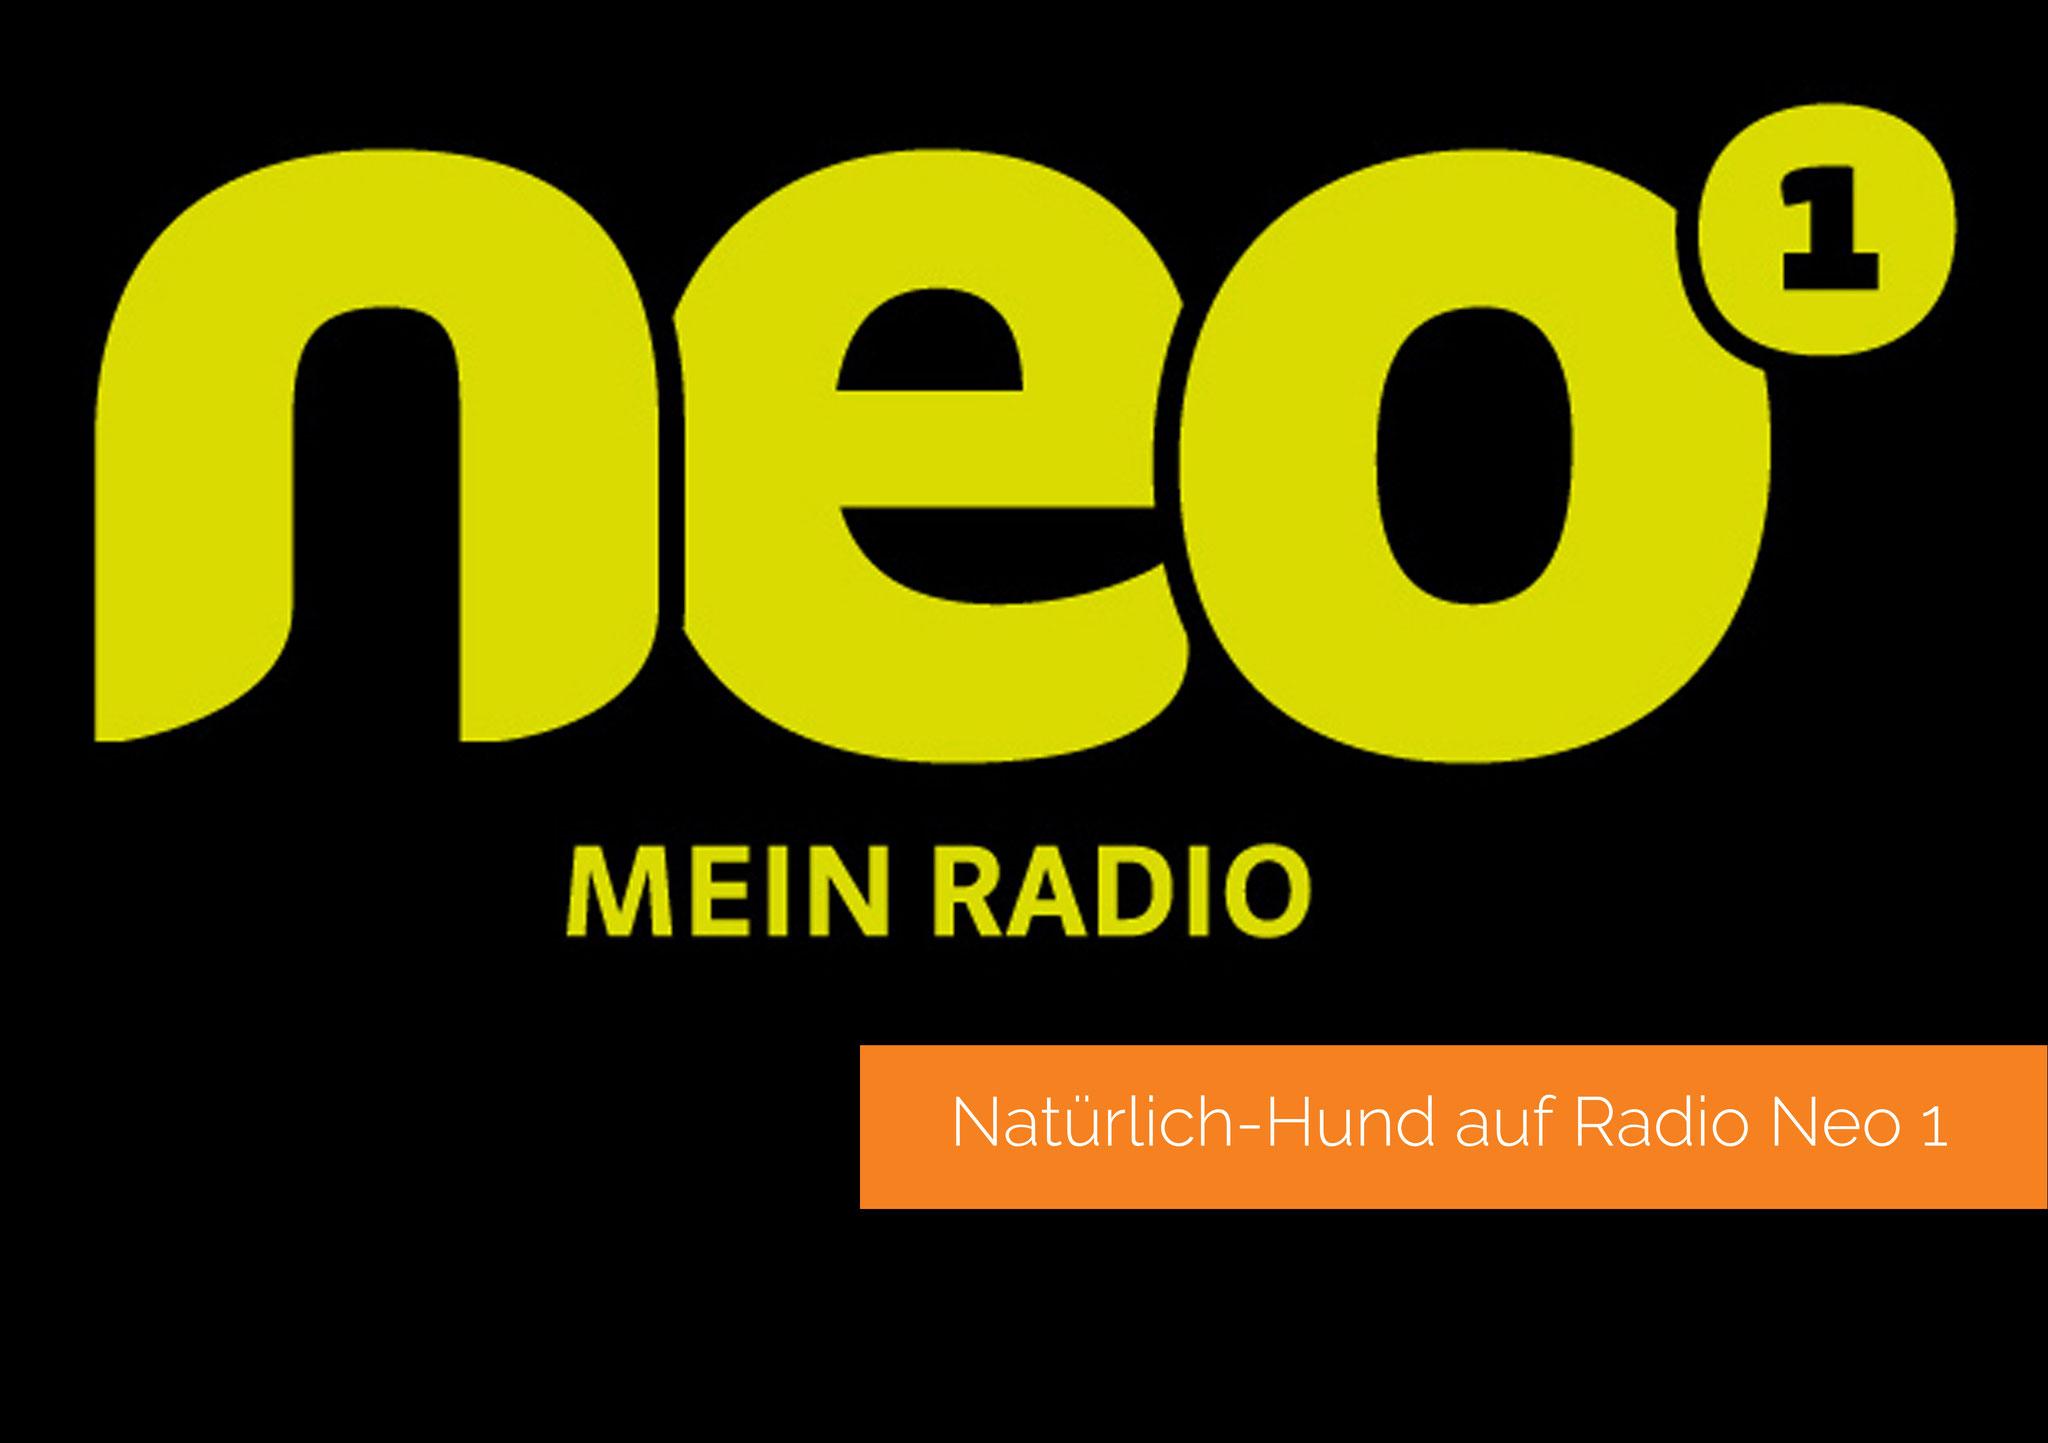 Natürlich-Hund auf Radio Neo 1